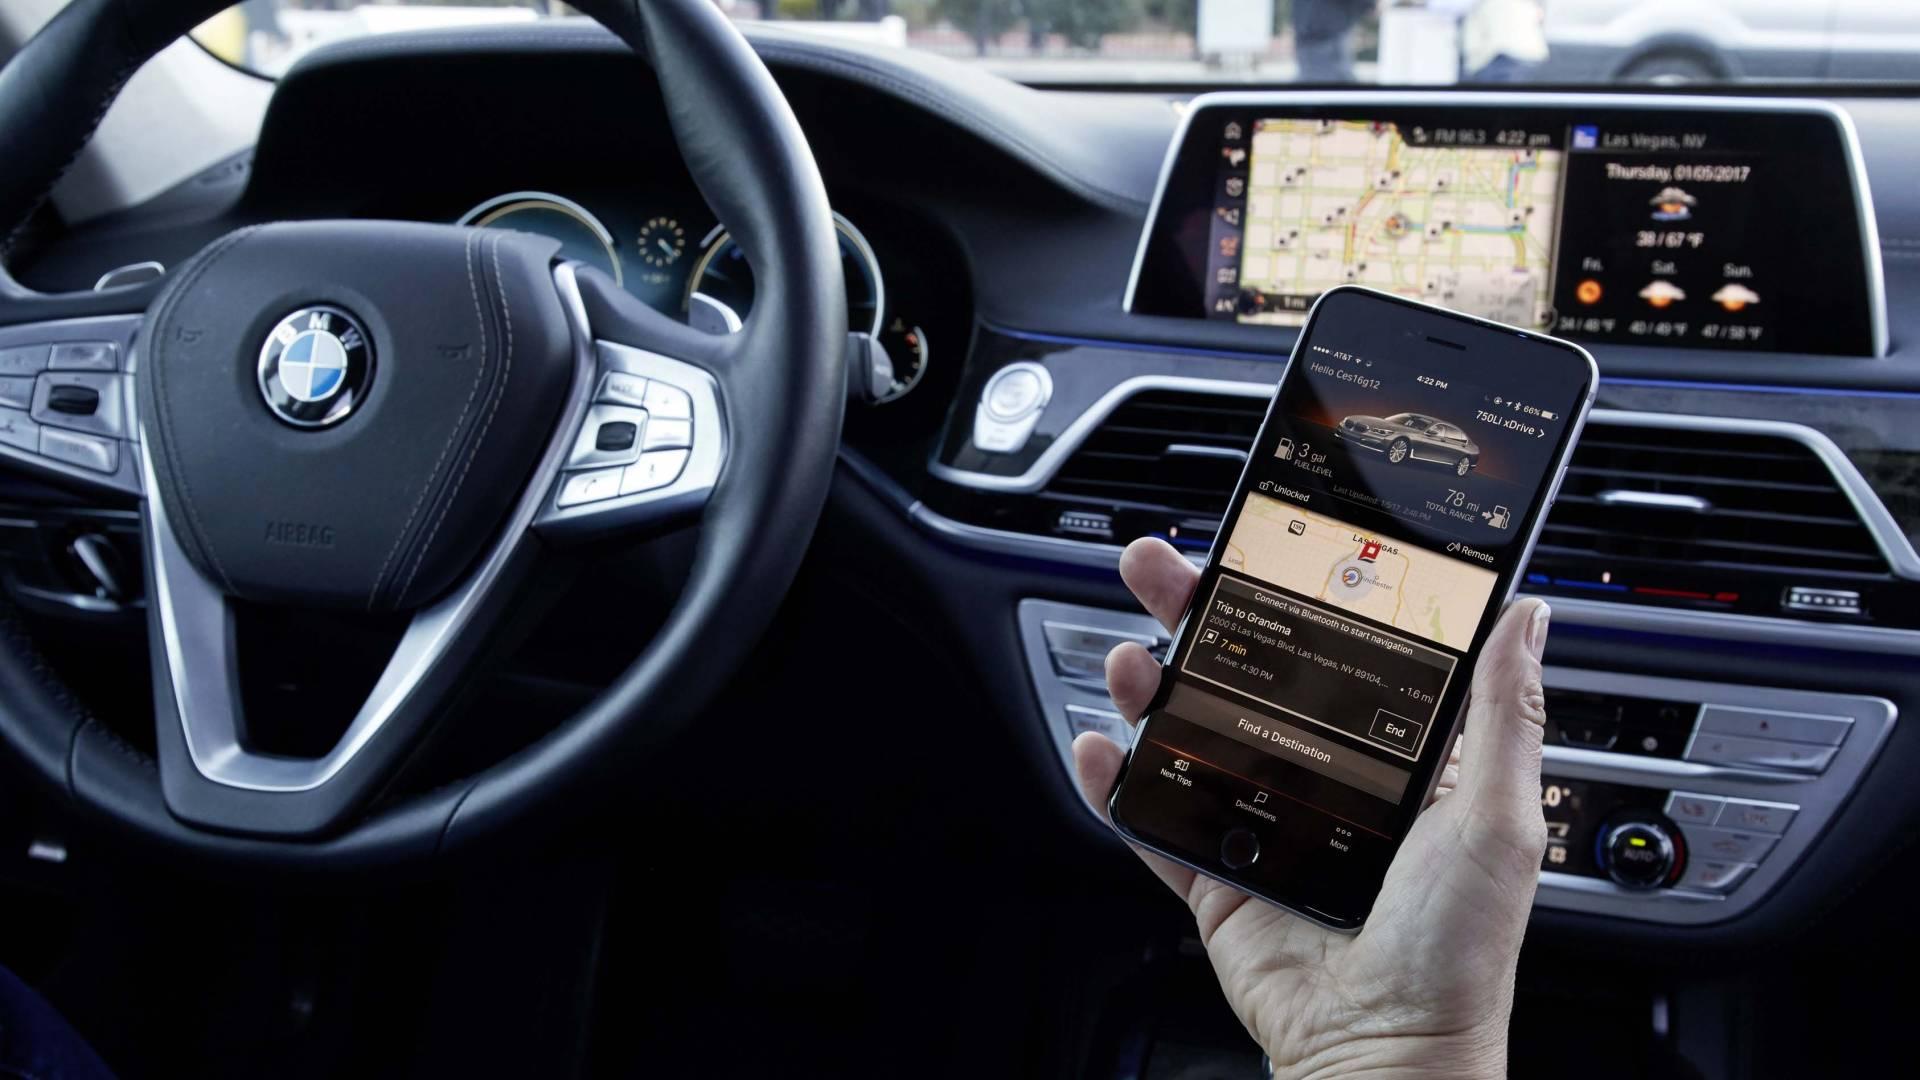 Coche de BMW con 5G